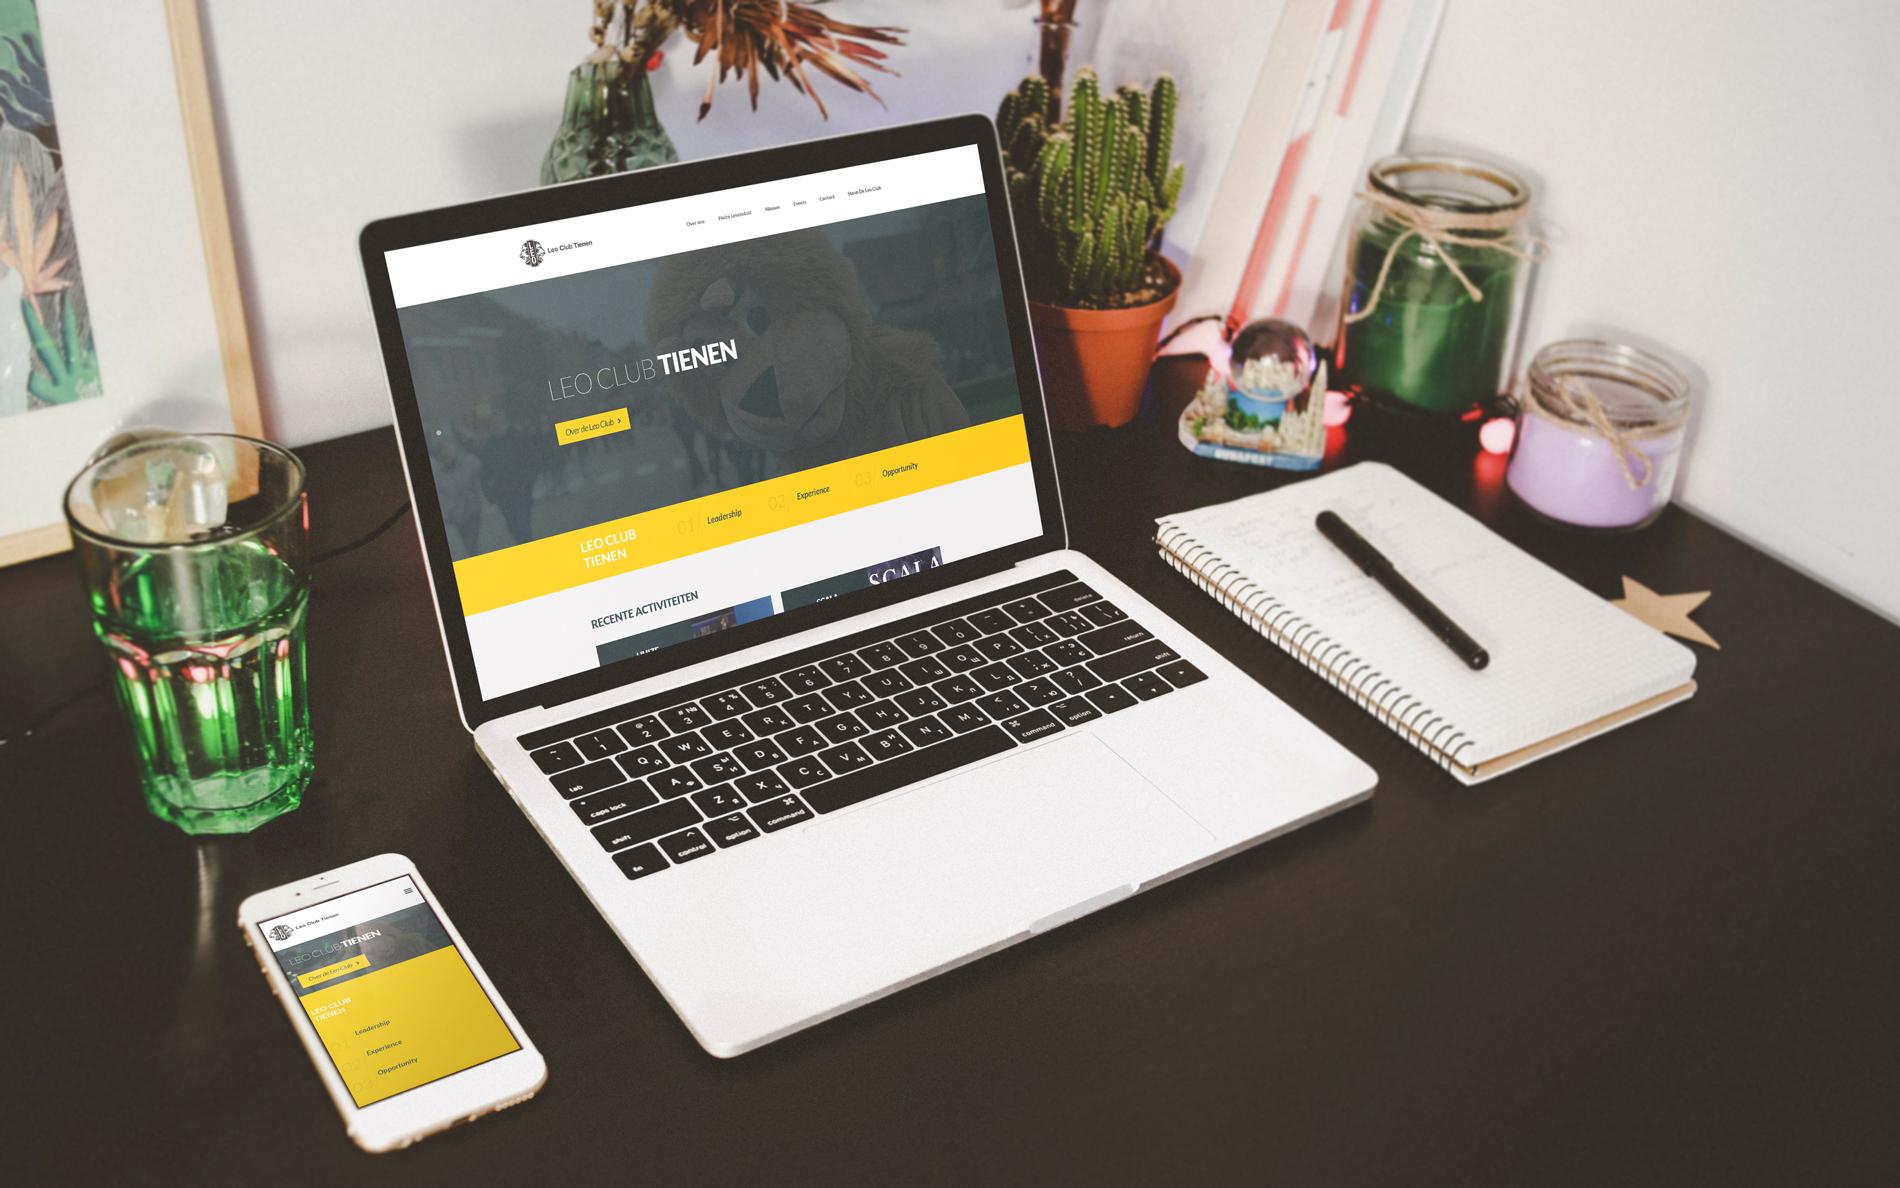 Nieuwe website voor de Leo Club Tienen